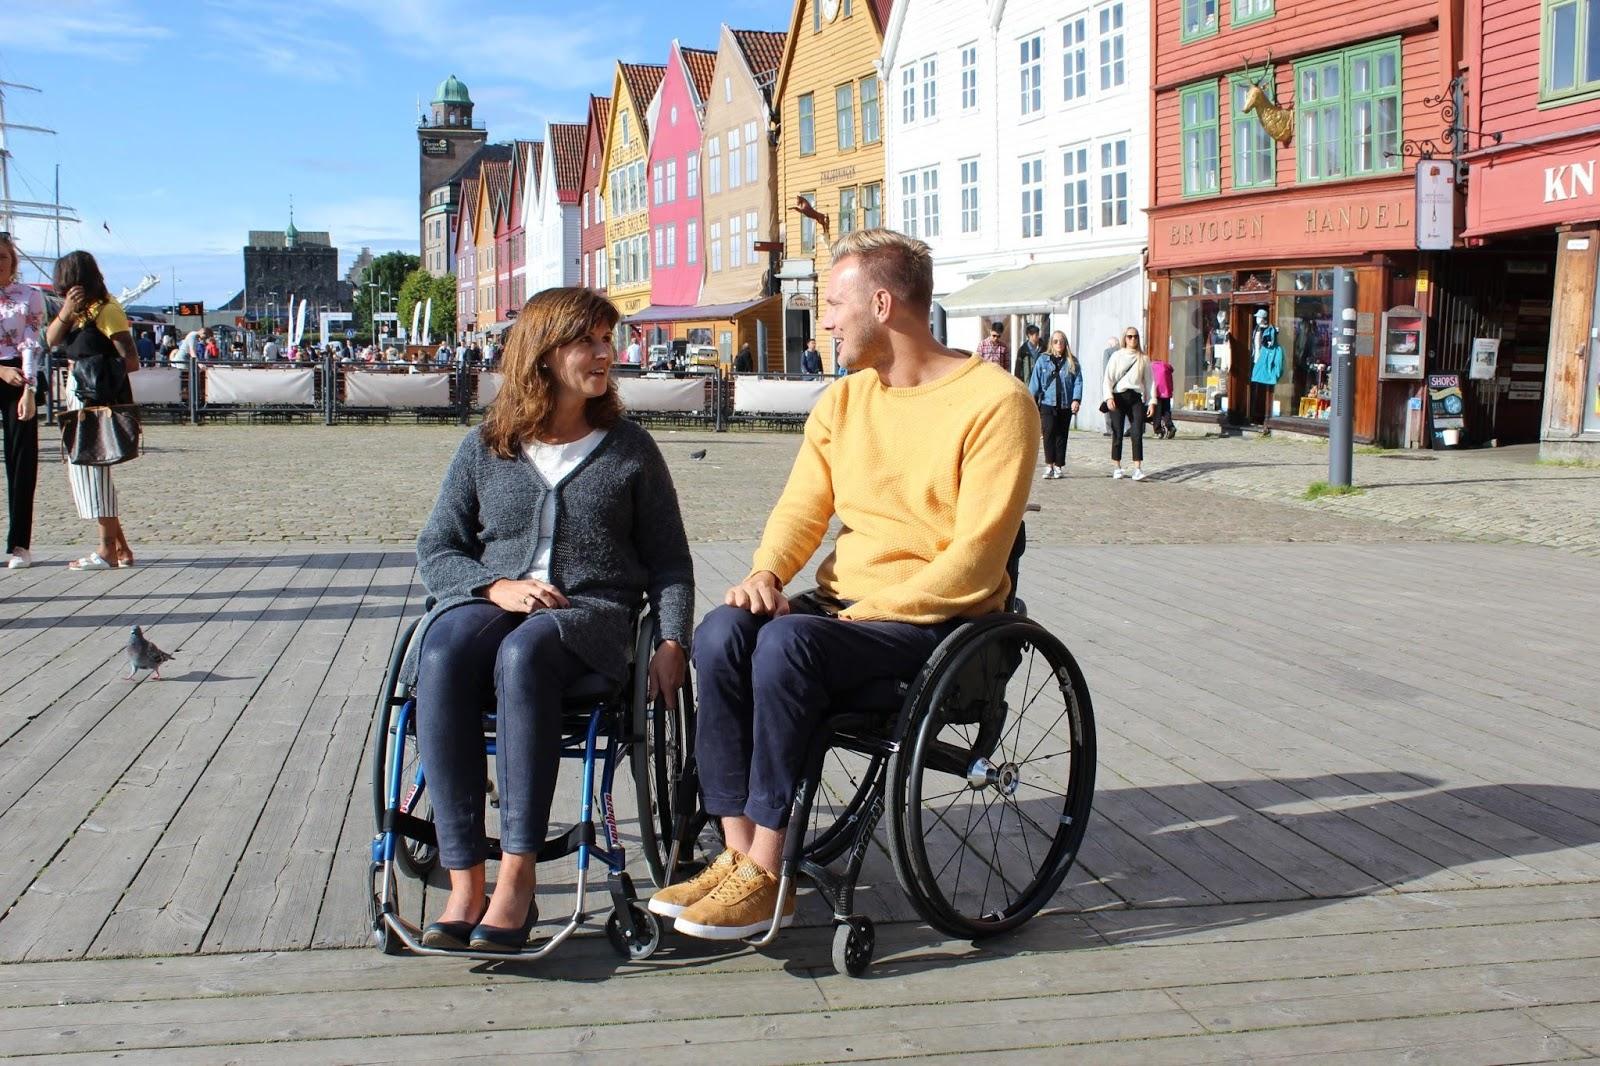 Bilde fra Brygga i Bergen. I fokus er Bergens varaordfører og nestleder i helse og sosialkomiteen, Marita Moltu, som prøver ut rullestol. Hun sitter ved siden av BPA-konsulent Lars Ivar Eilerås.